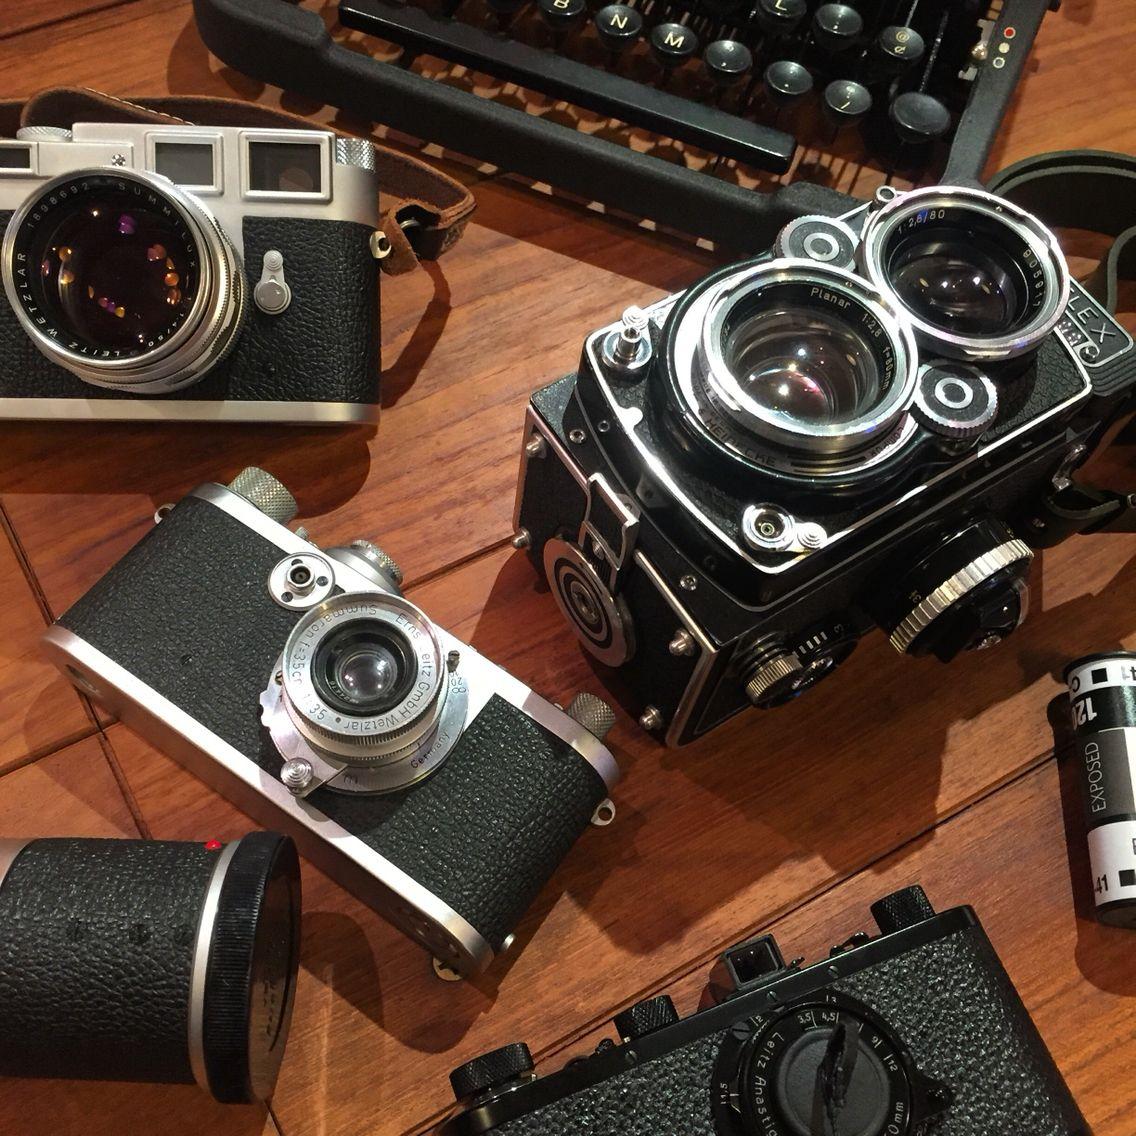 Leica Rolleiflex, all film